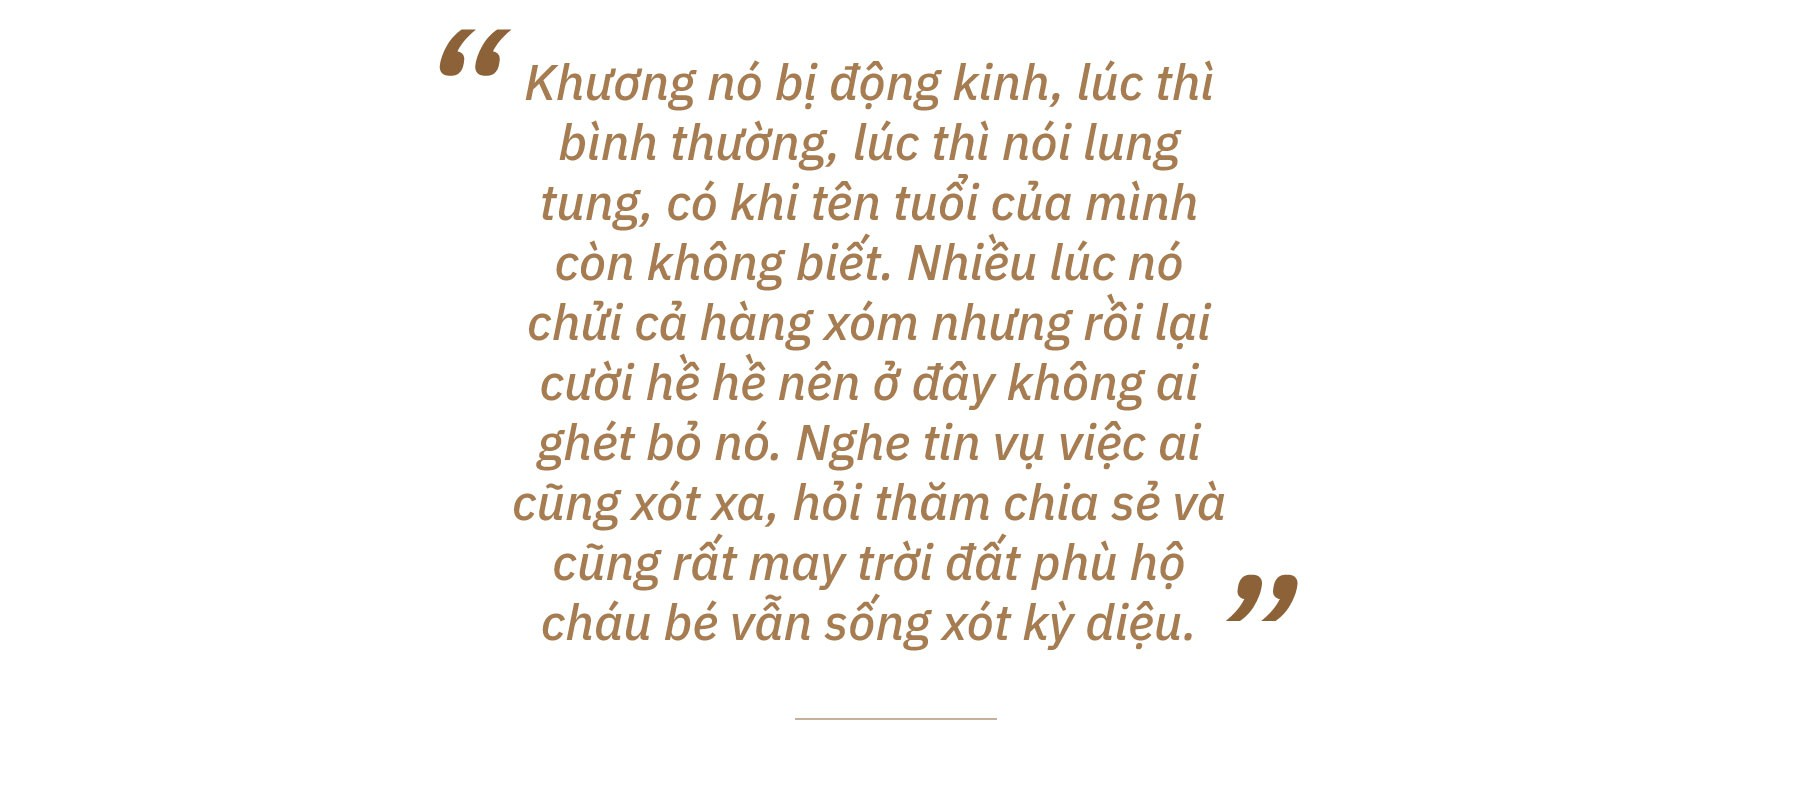 Cuộc đời khốn khổ của người mẹ chôn sống con ở Bình Thuận - Ảnh 10